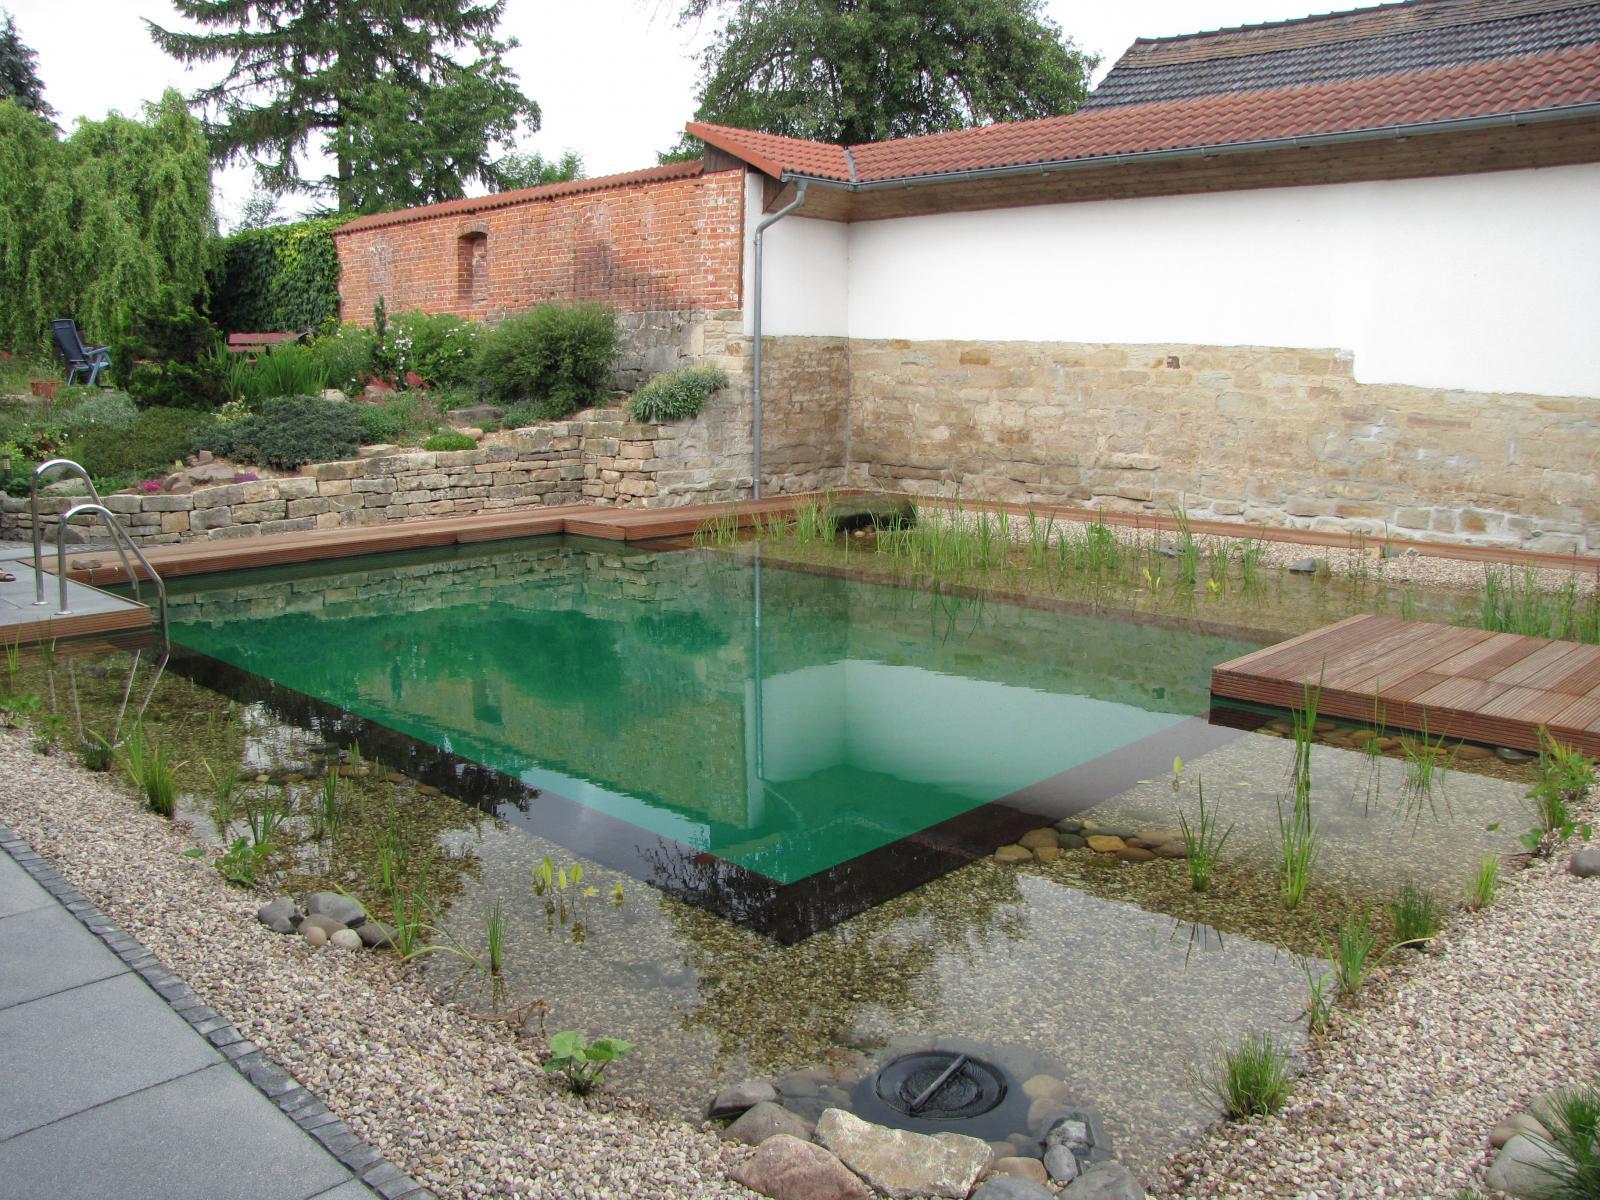 Privater schwimmteich in osterfeld re natur sachsen for Gartenbrunnen anlegen